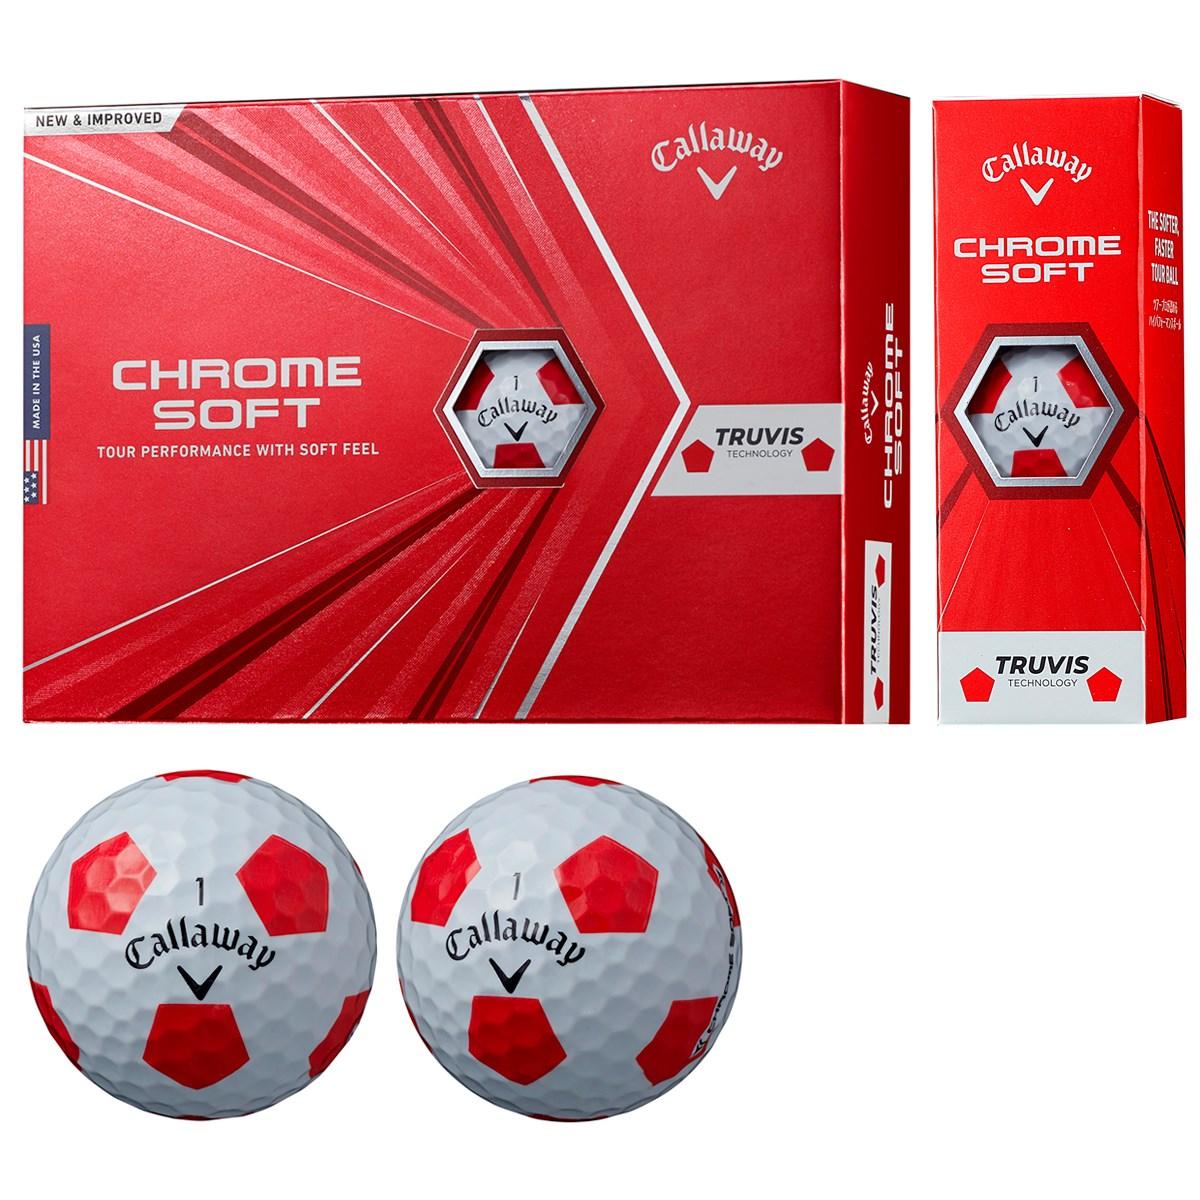 キャロウェイゴルフ CHROM SOFT CHROME SOFT ボール 3ダースセット 3ダース(36個入り) ホワイト/レッド